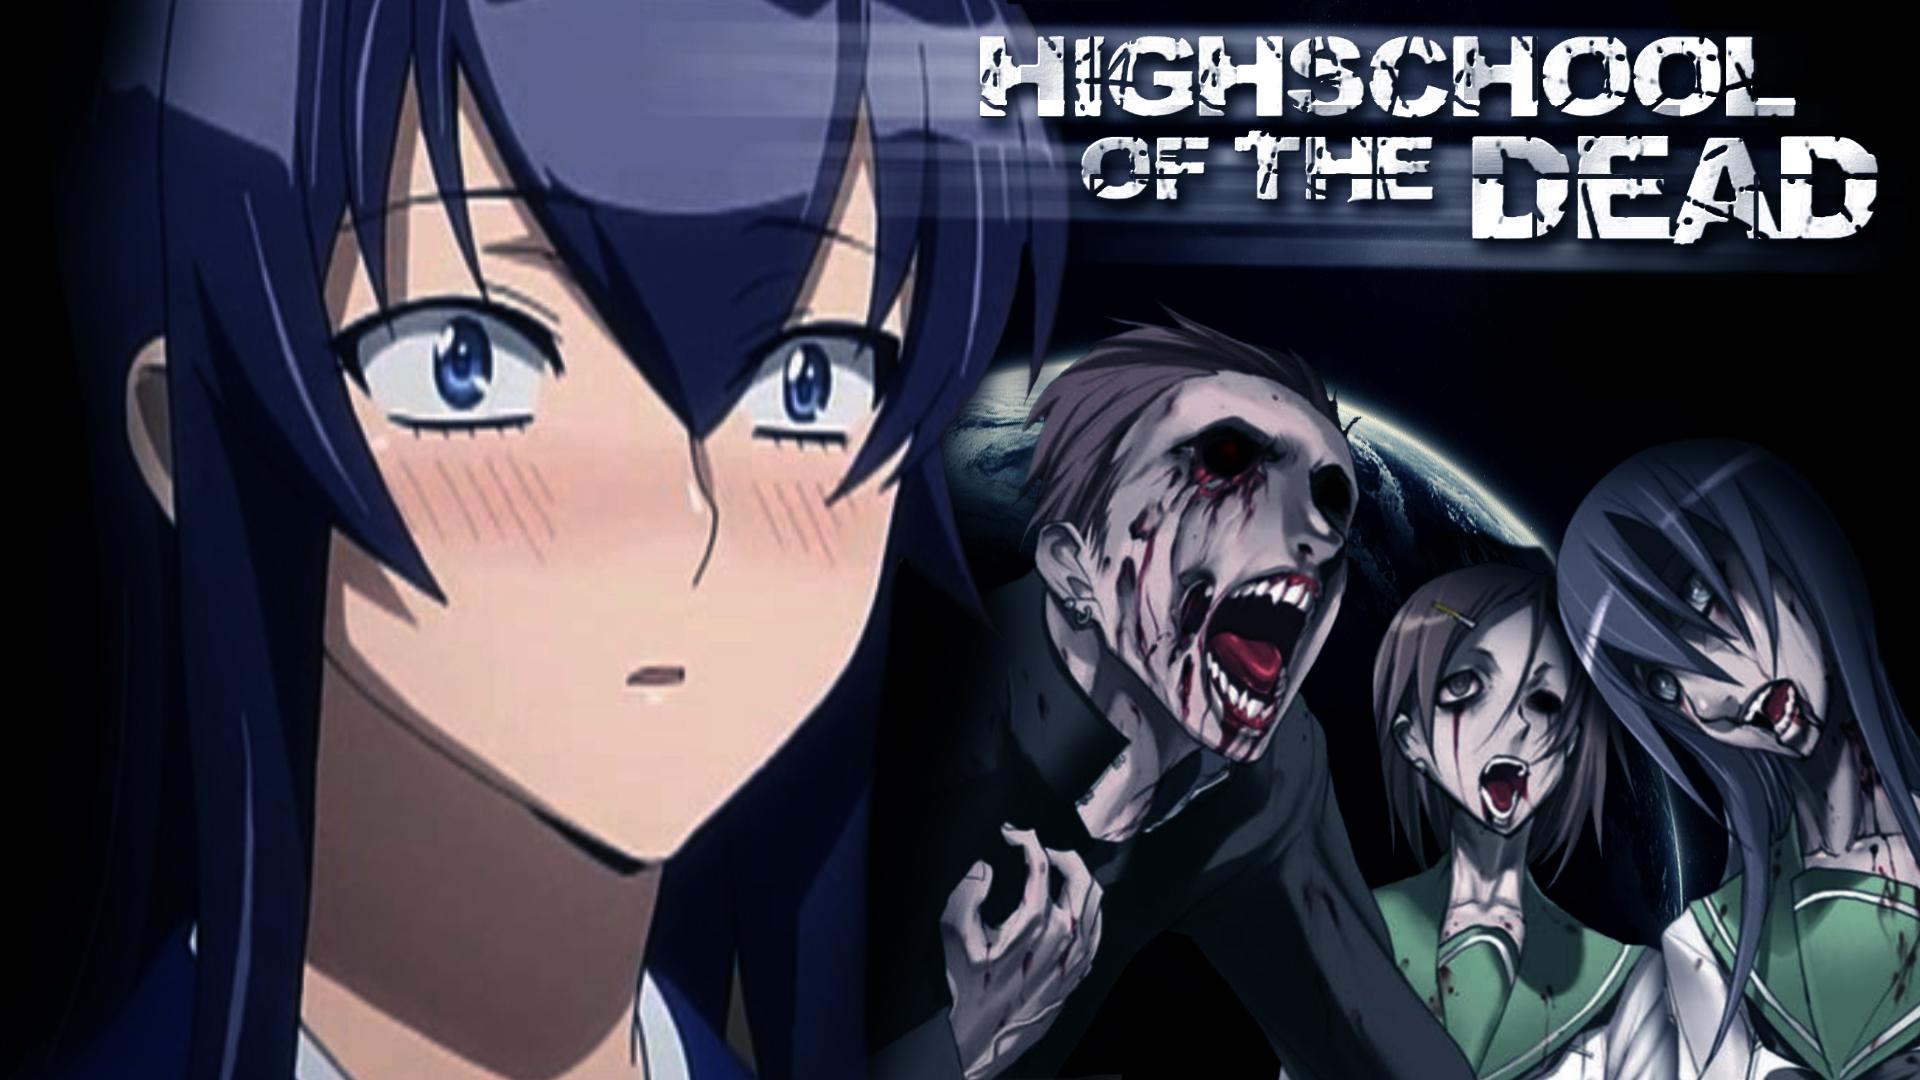 Saeko Busujima - Highschool of the dead